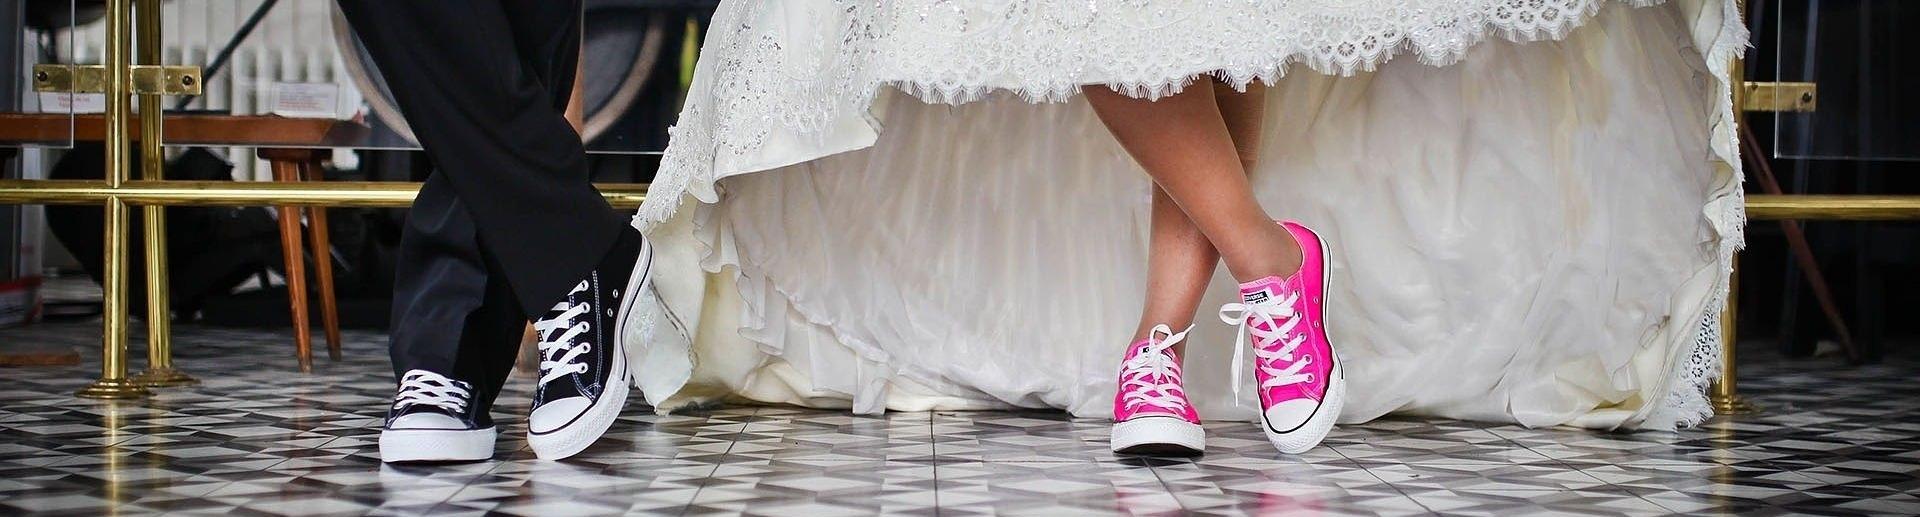 cedar court hotels wedding packages